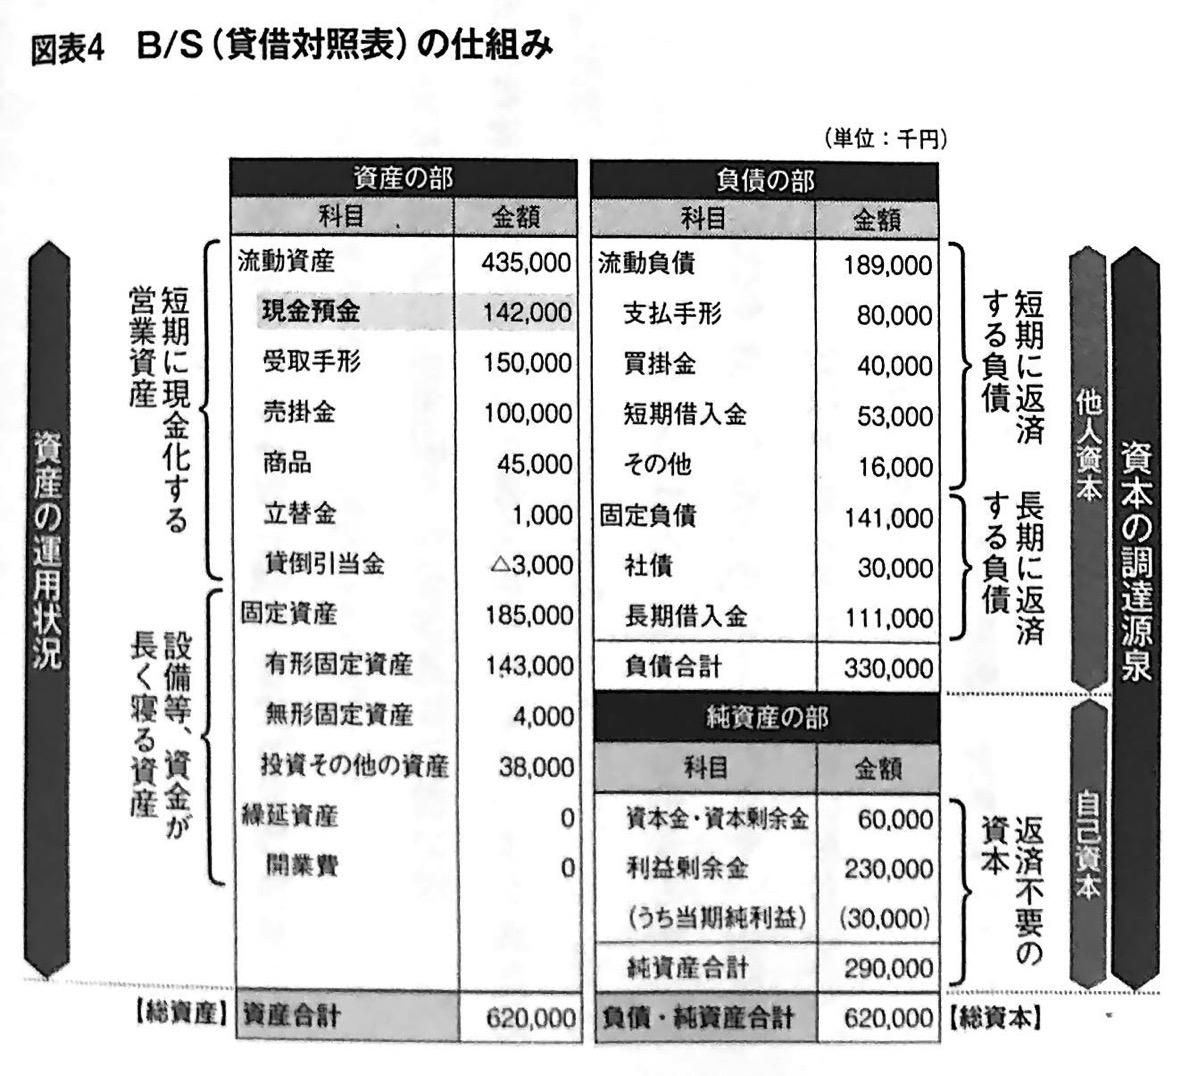 図表4 B  S 貸借対照表 の仕組み 数字は人格 第3章